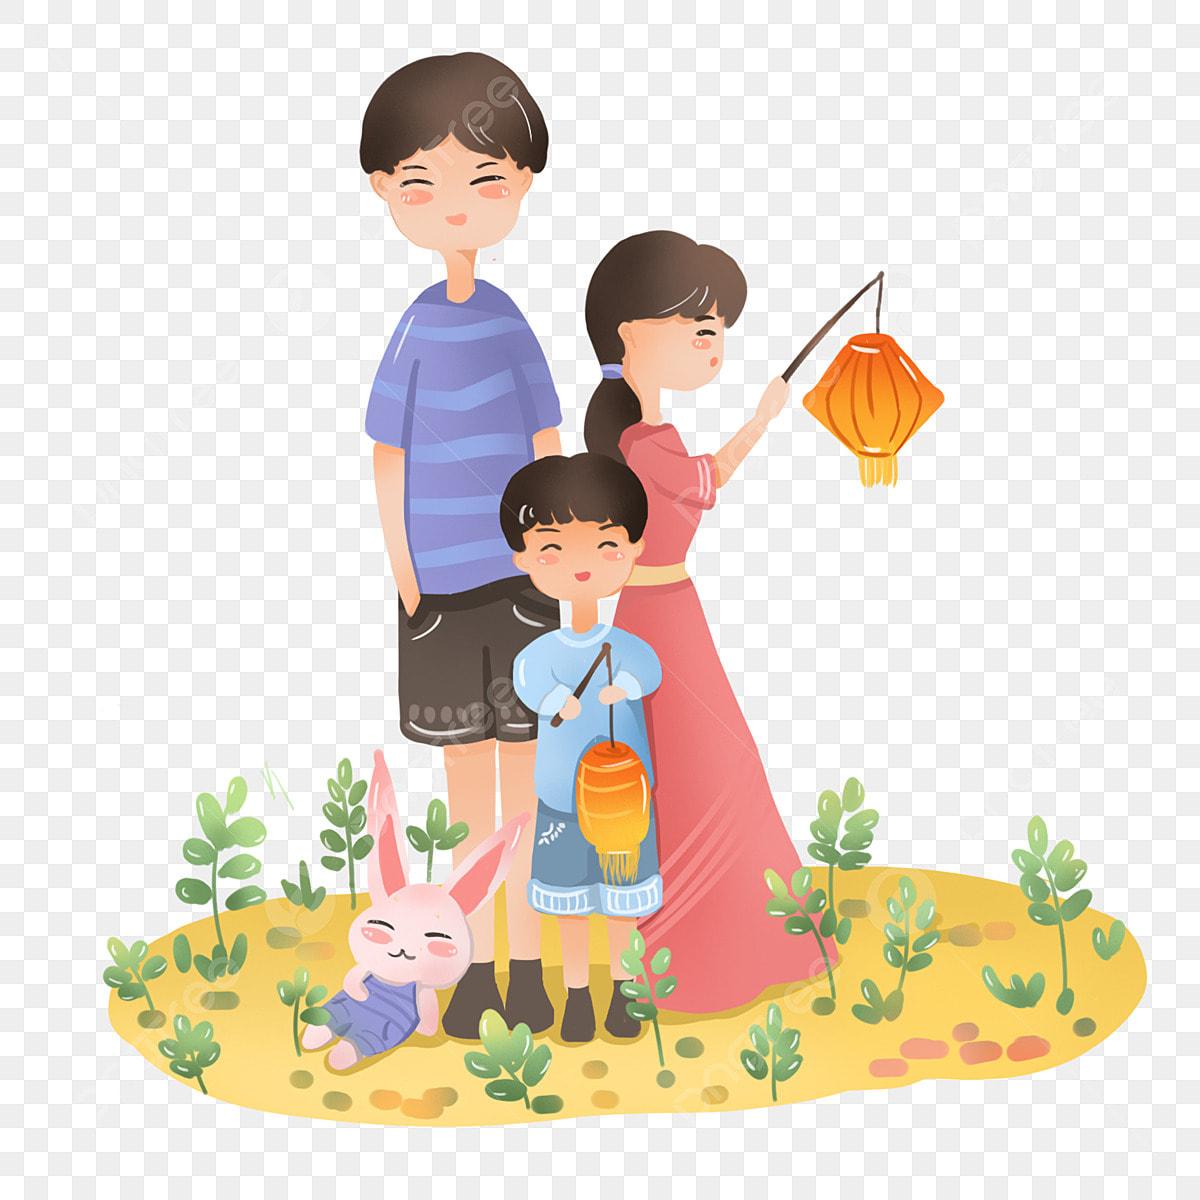 Gambar Festival Lantern Tergantung Gantung Festival Lantern Ibu Dan Ayah Kartun Tergantung Gantung Di Png Dan Psd Untuk Muat Turun Percuma